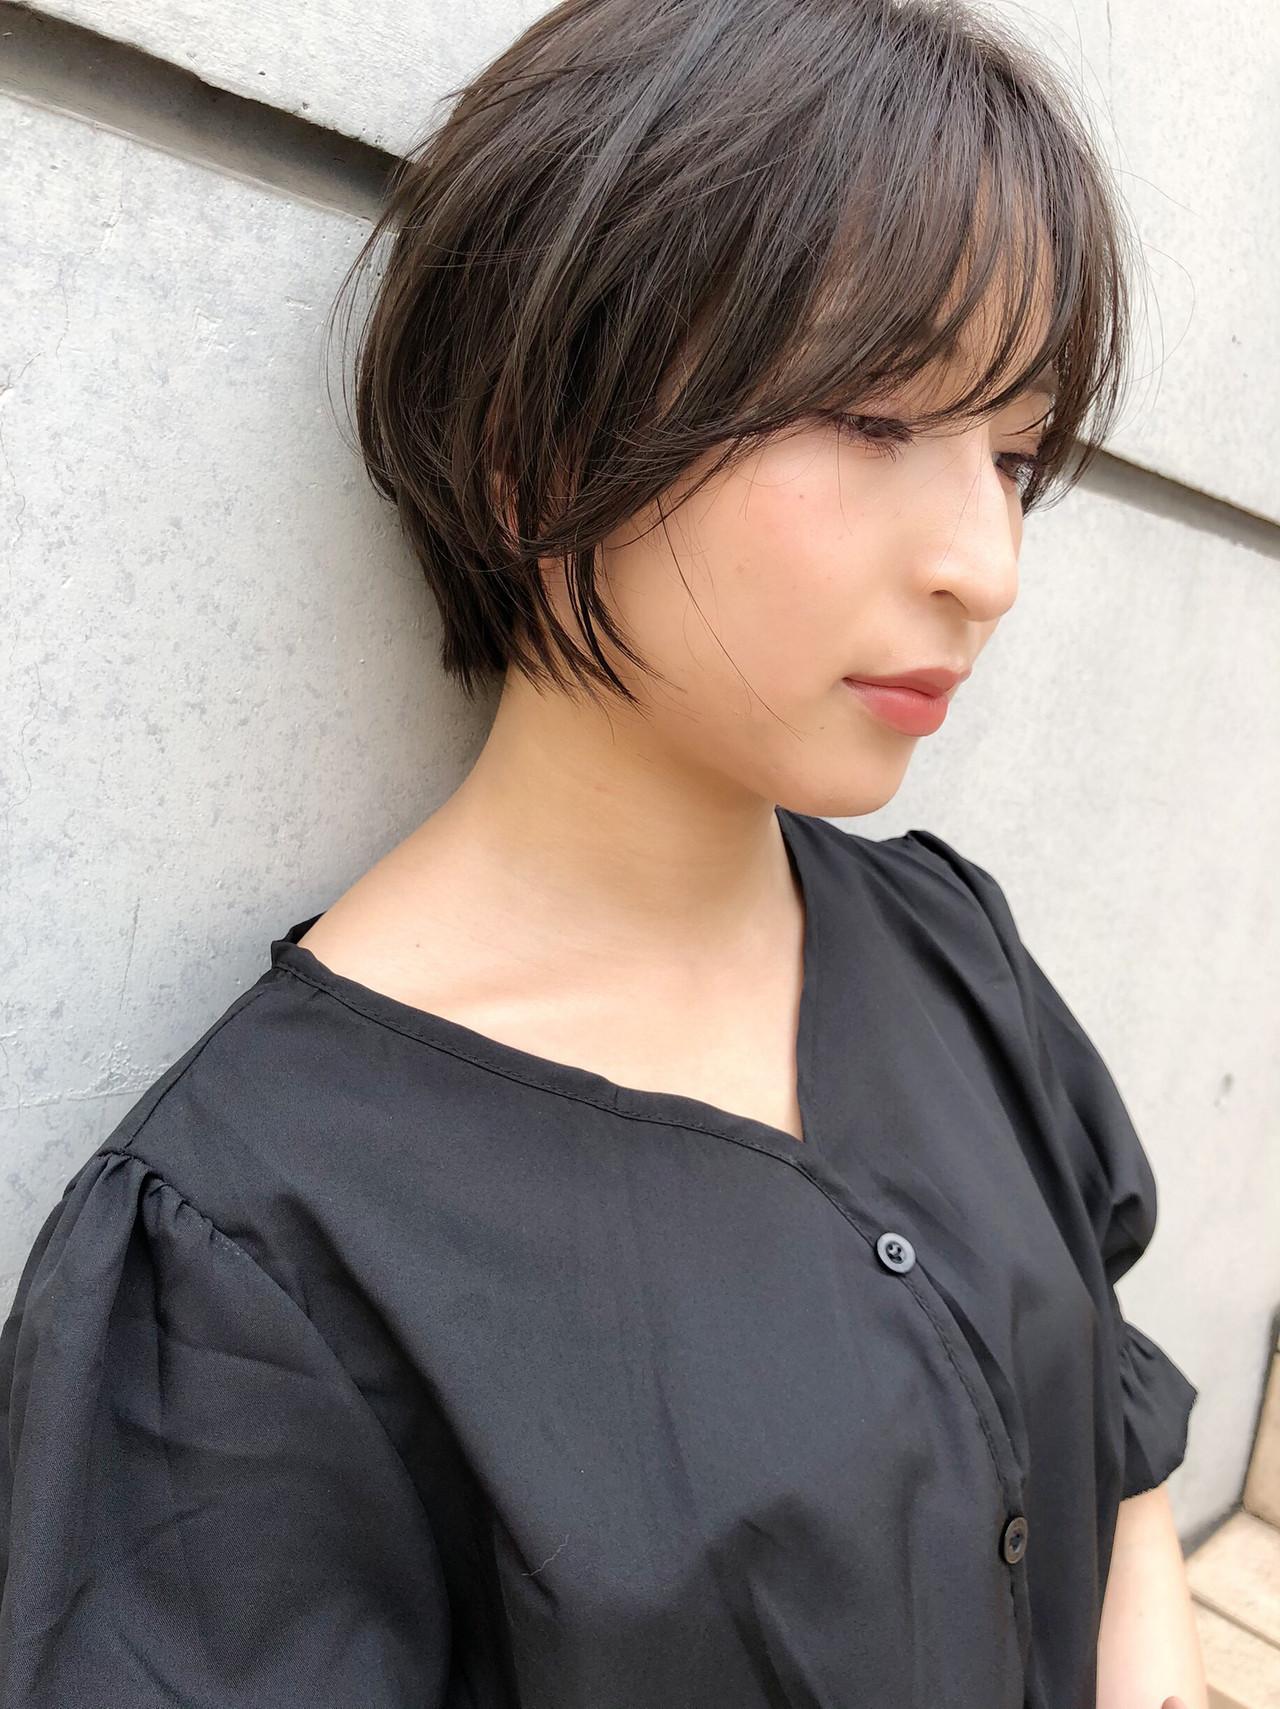 コンパクトショート ショートヘア ナチュラル ショートボブ ヘアスタイルや髪型の写真・画像